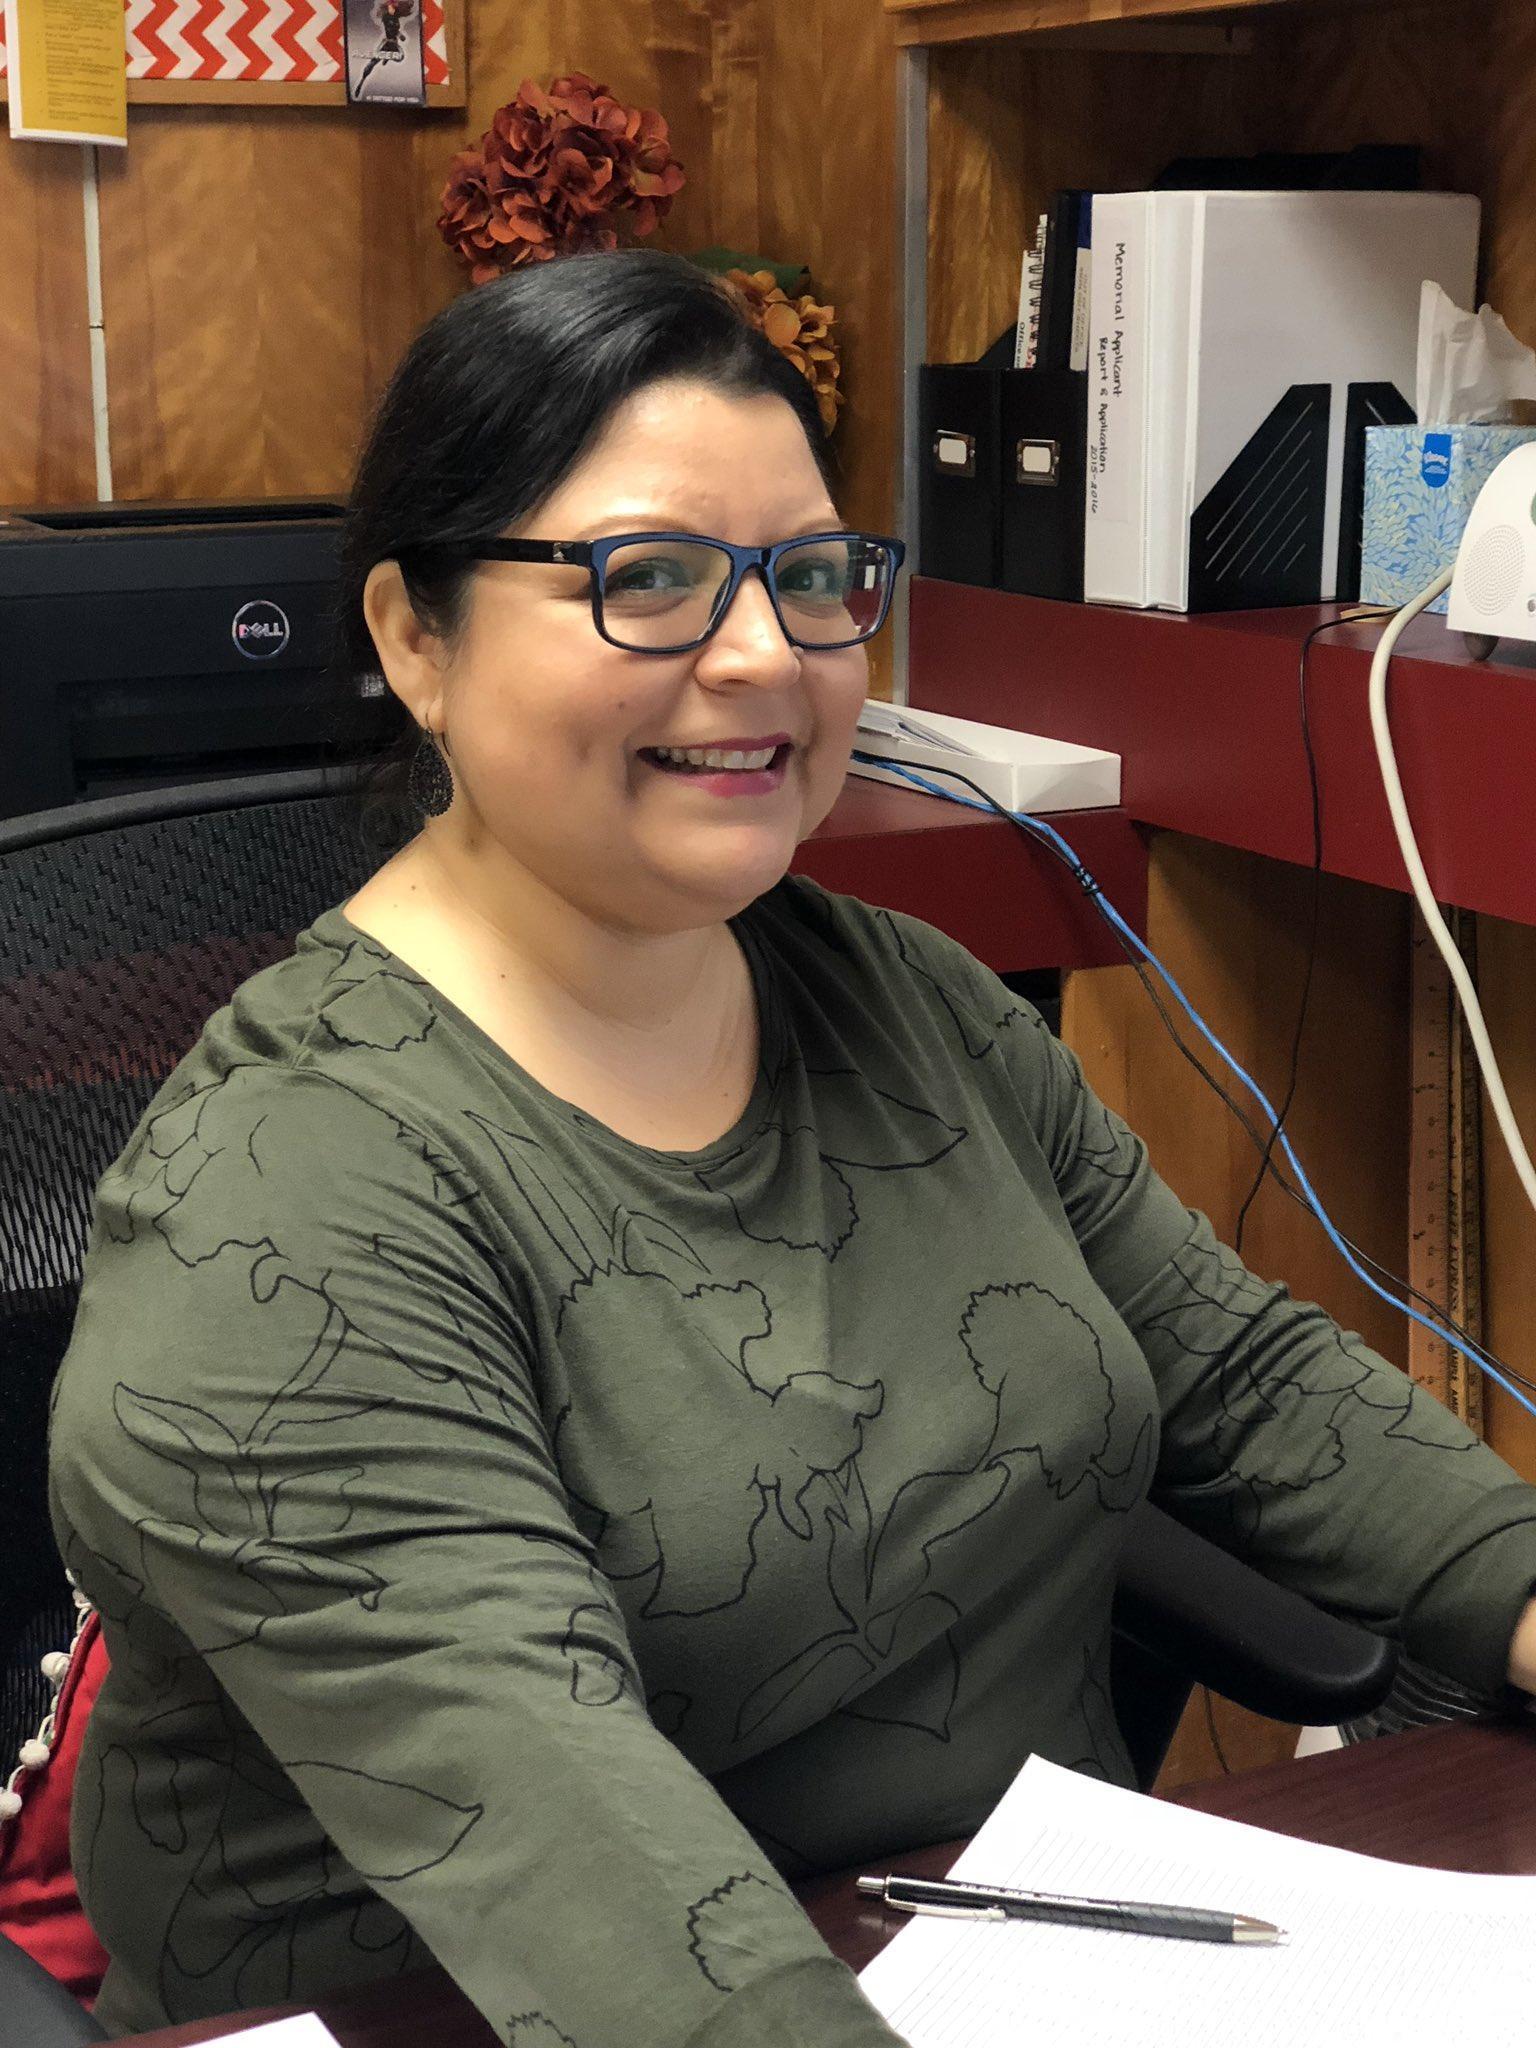 secretary smiling for the camera